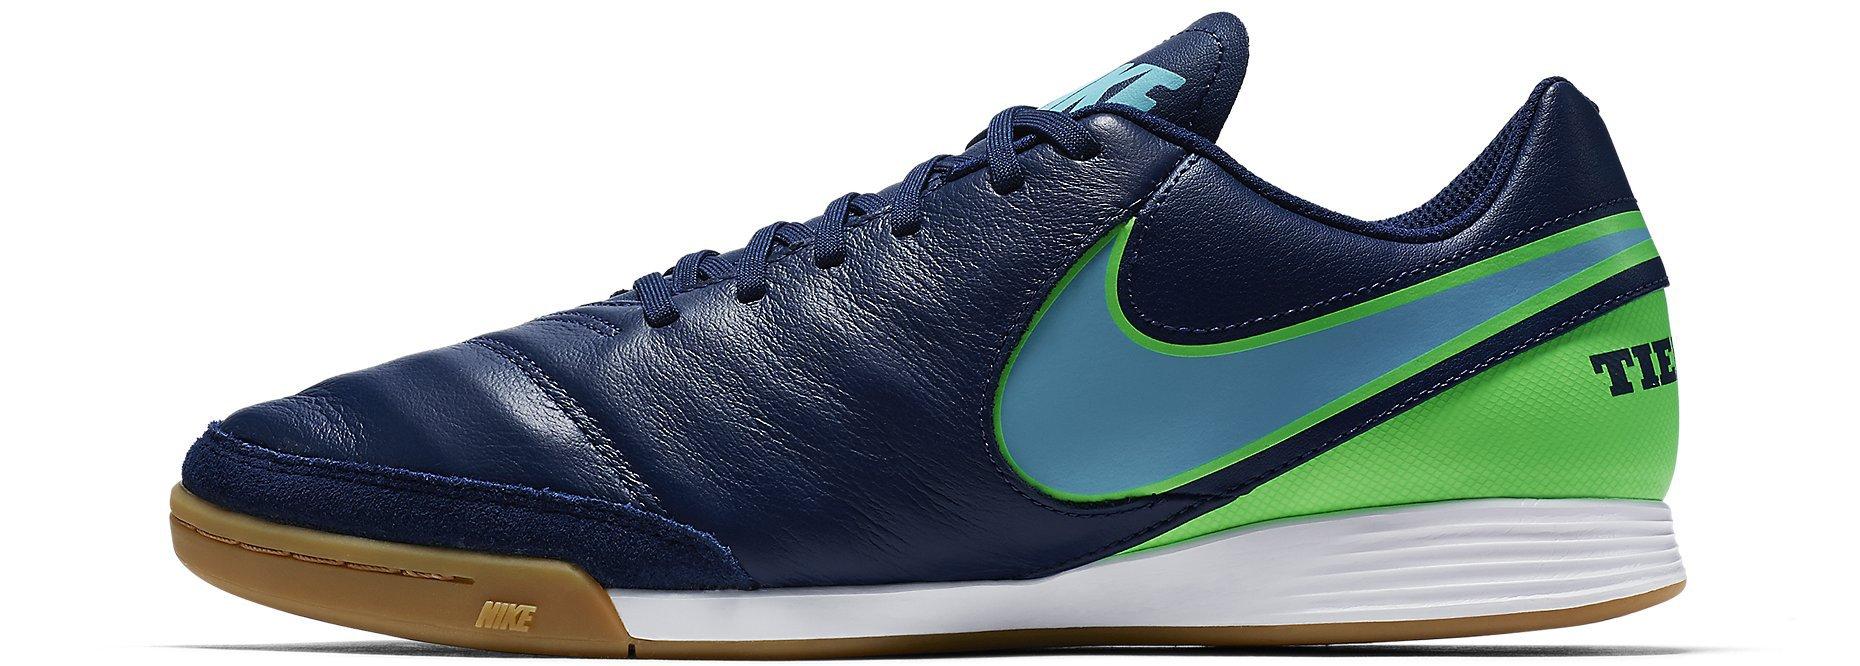 Sálové kopačky Nike Tiempo Genio II Leather